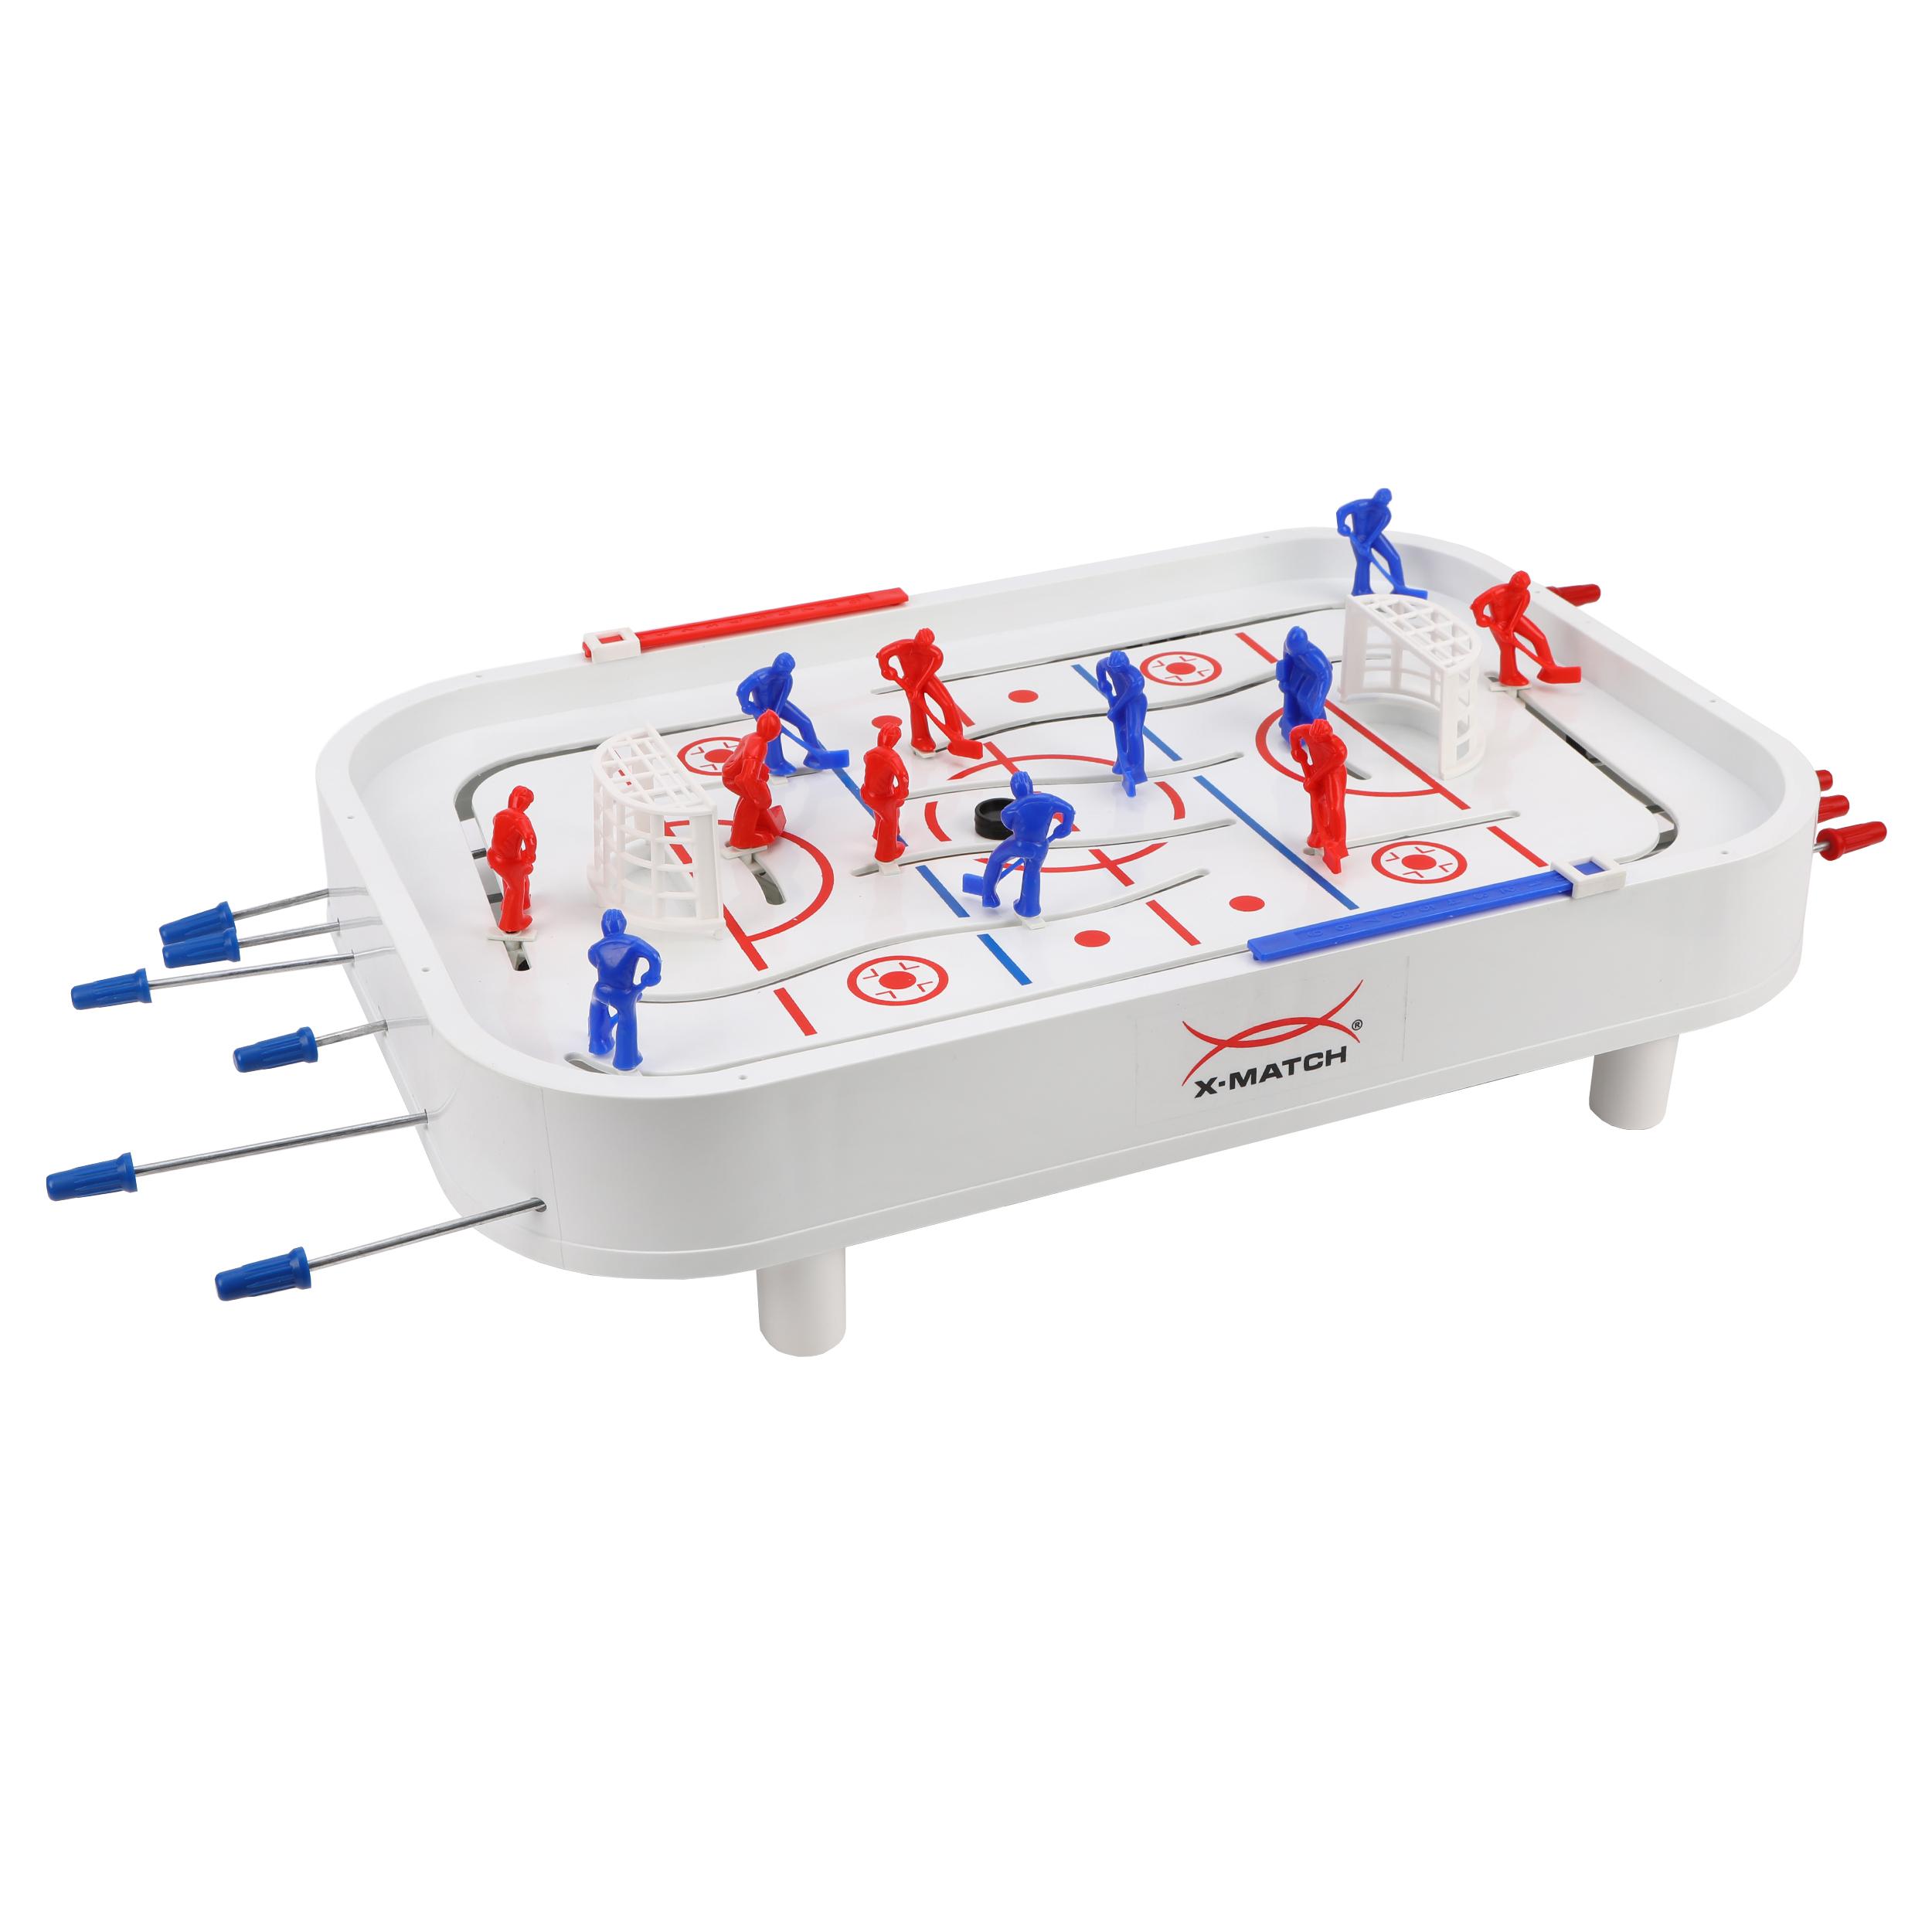 Спортивные X-Match Хоккей всеволод осминкин игра в хоккей на учебно тренировочном занятии